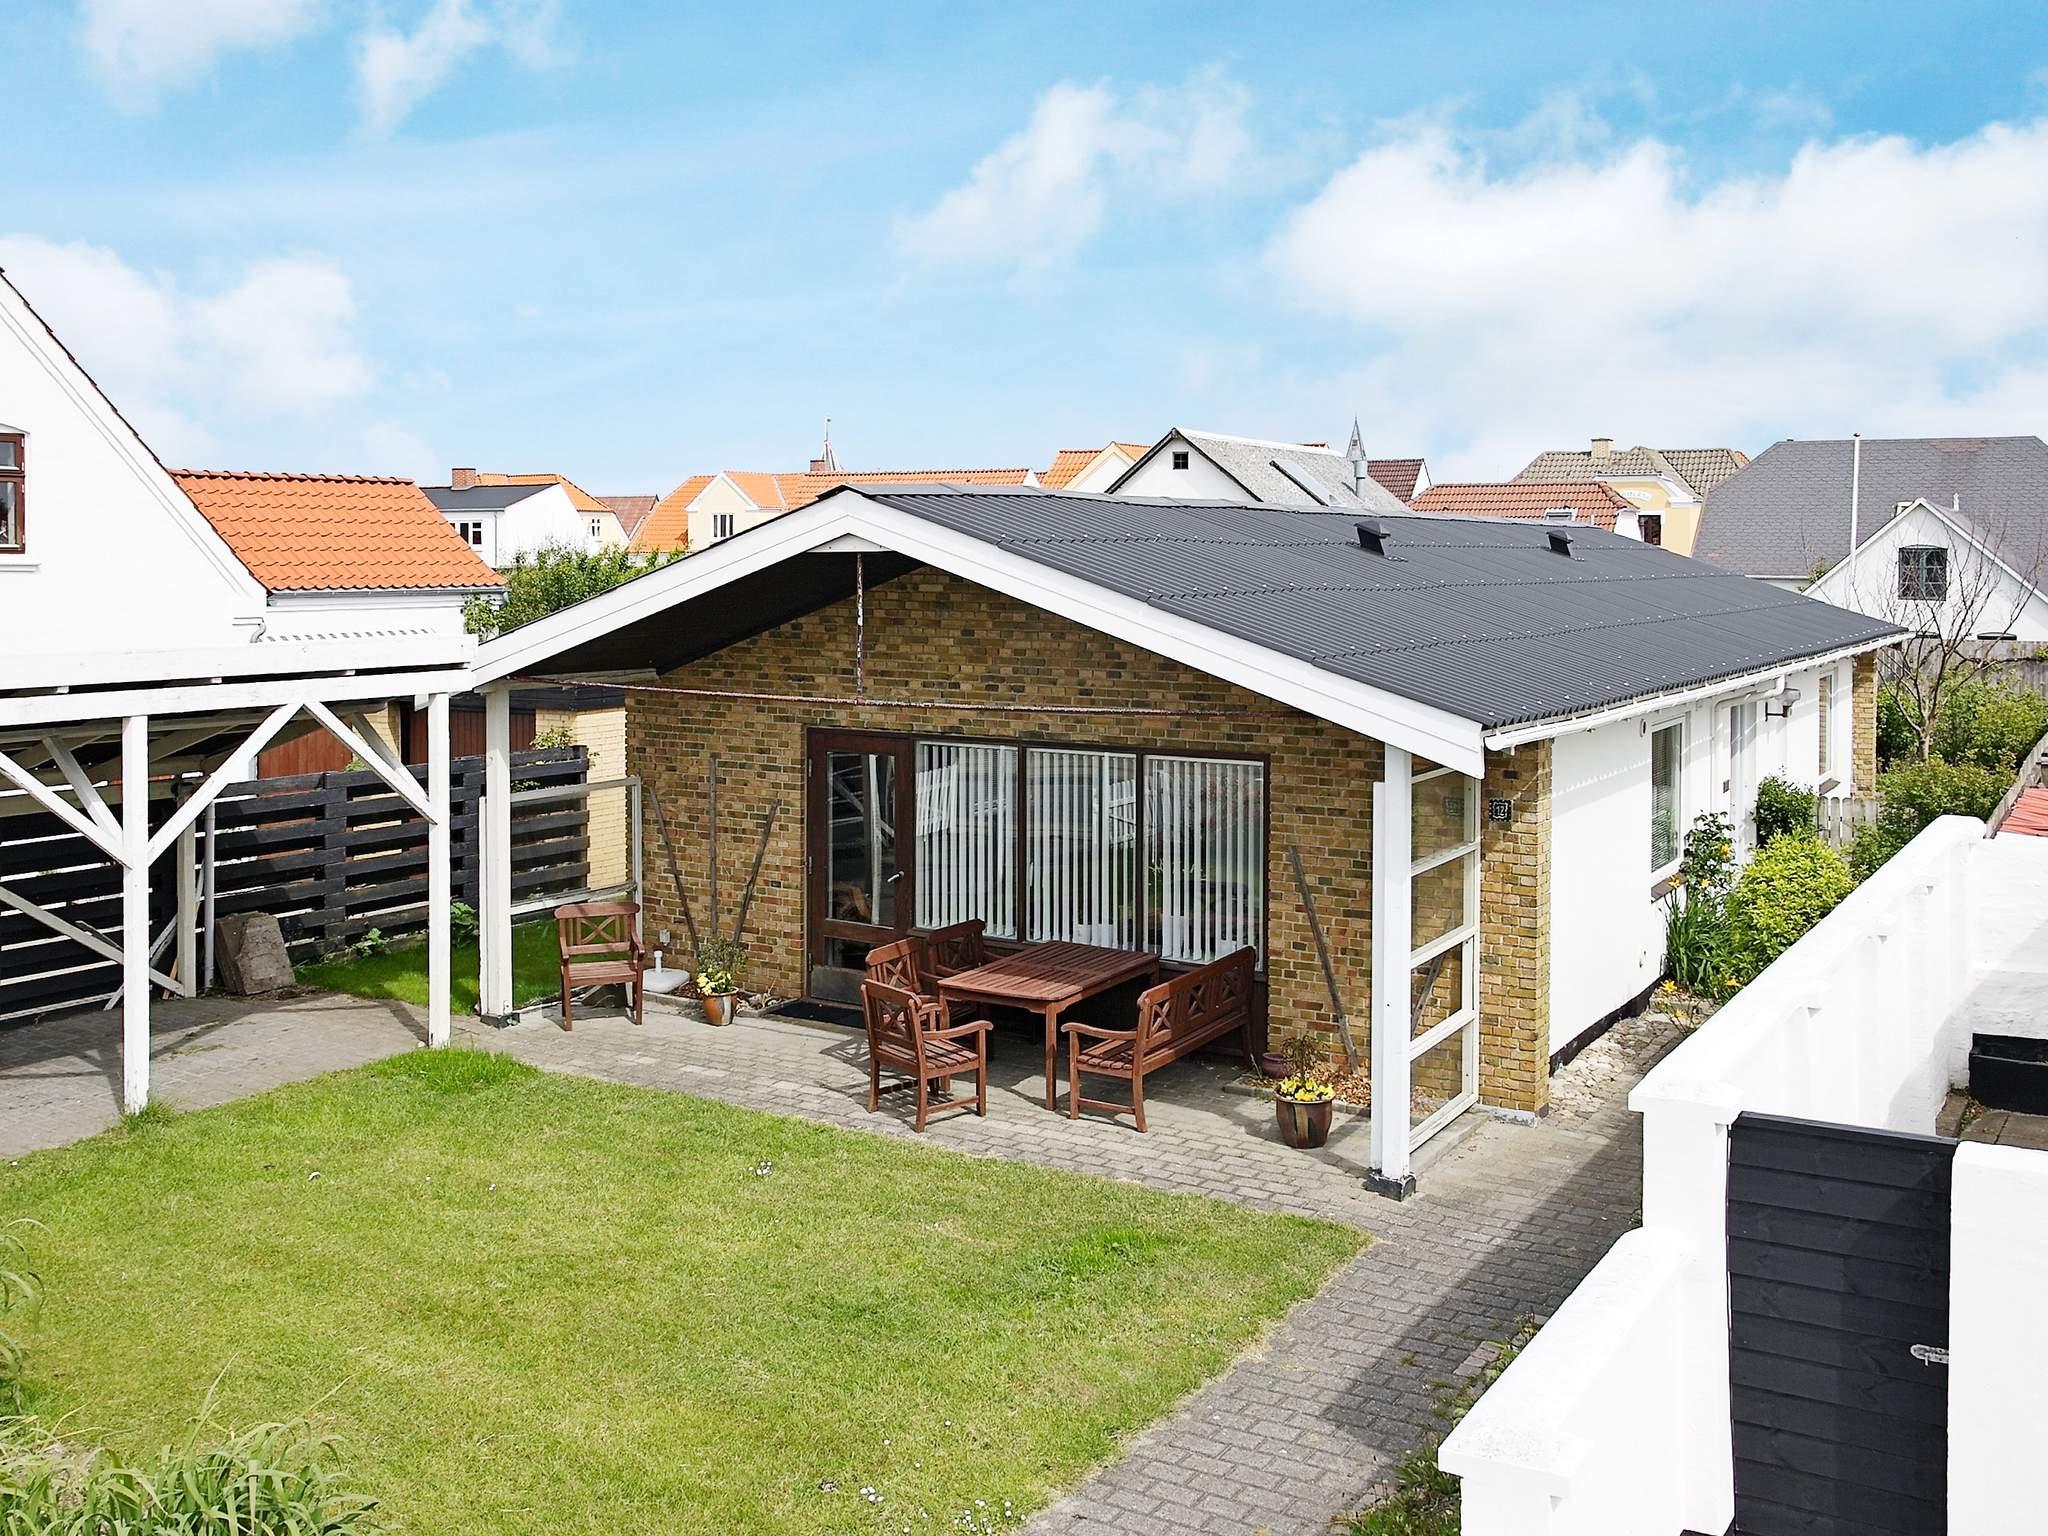 Ferienhaus Løkken (124240), Løkken, , Nordwestjütland, Dänemark, Bild 14